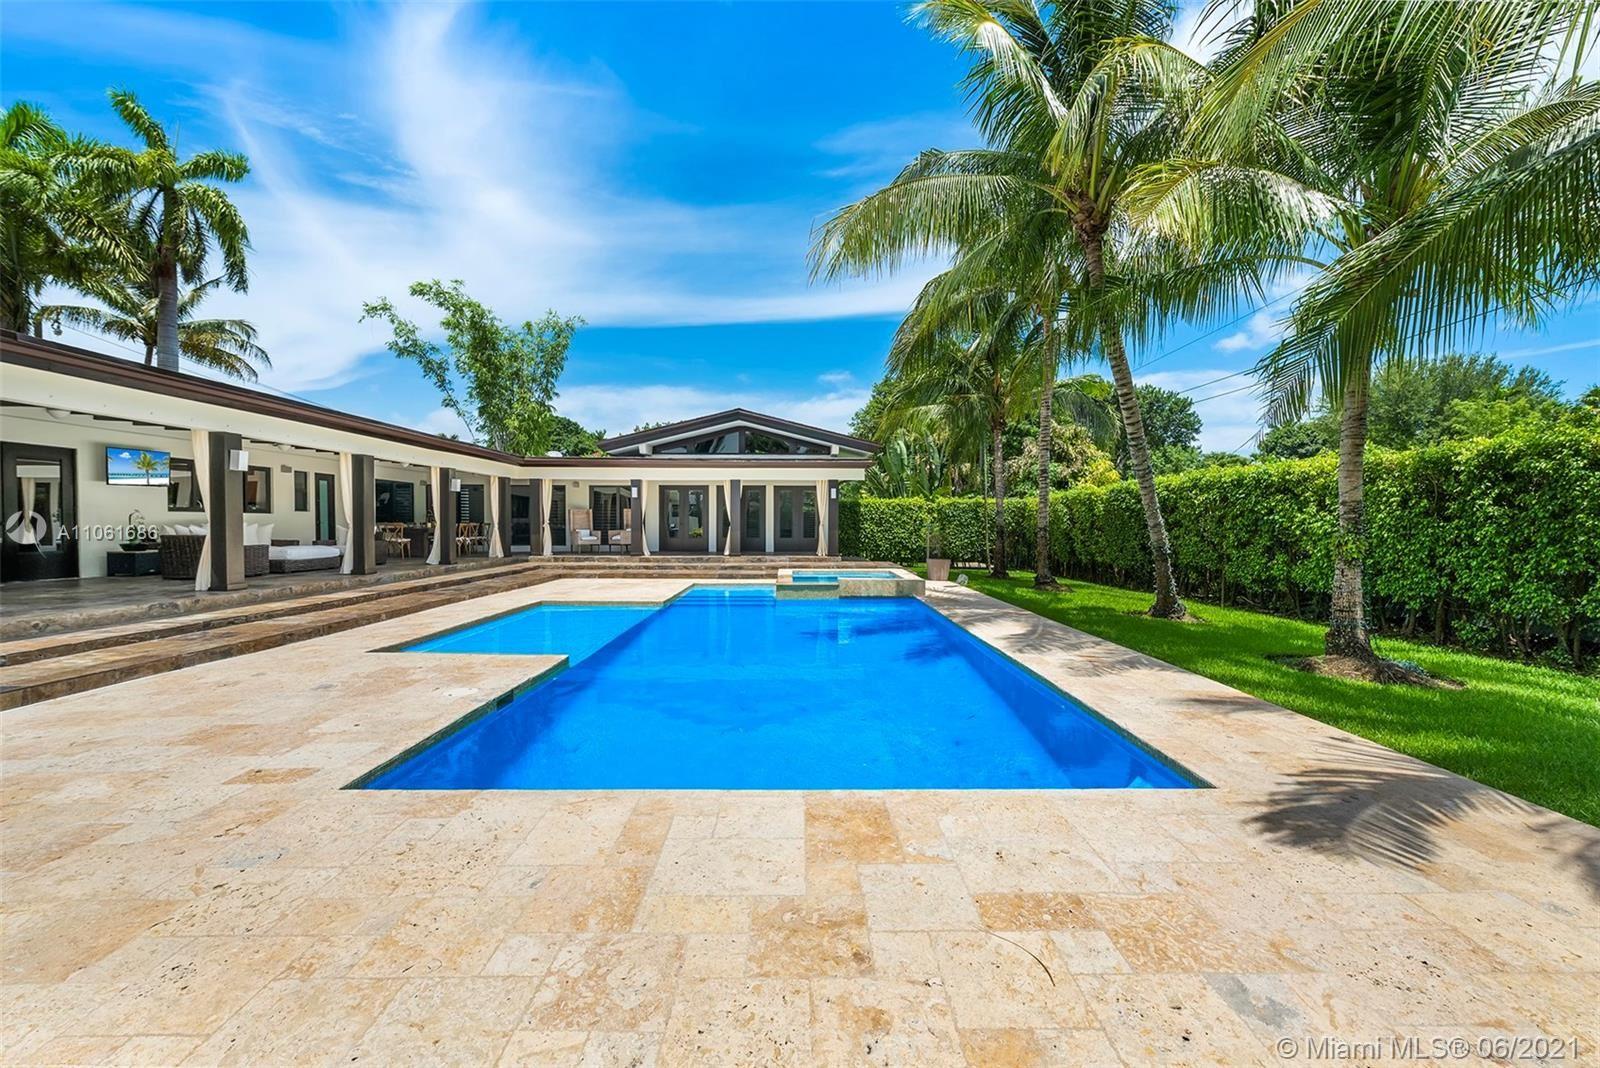 7550 SW 60th St, Miami, FL 33143 - #: A11061686